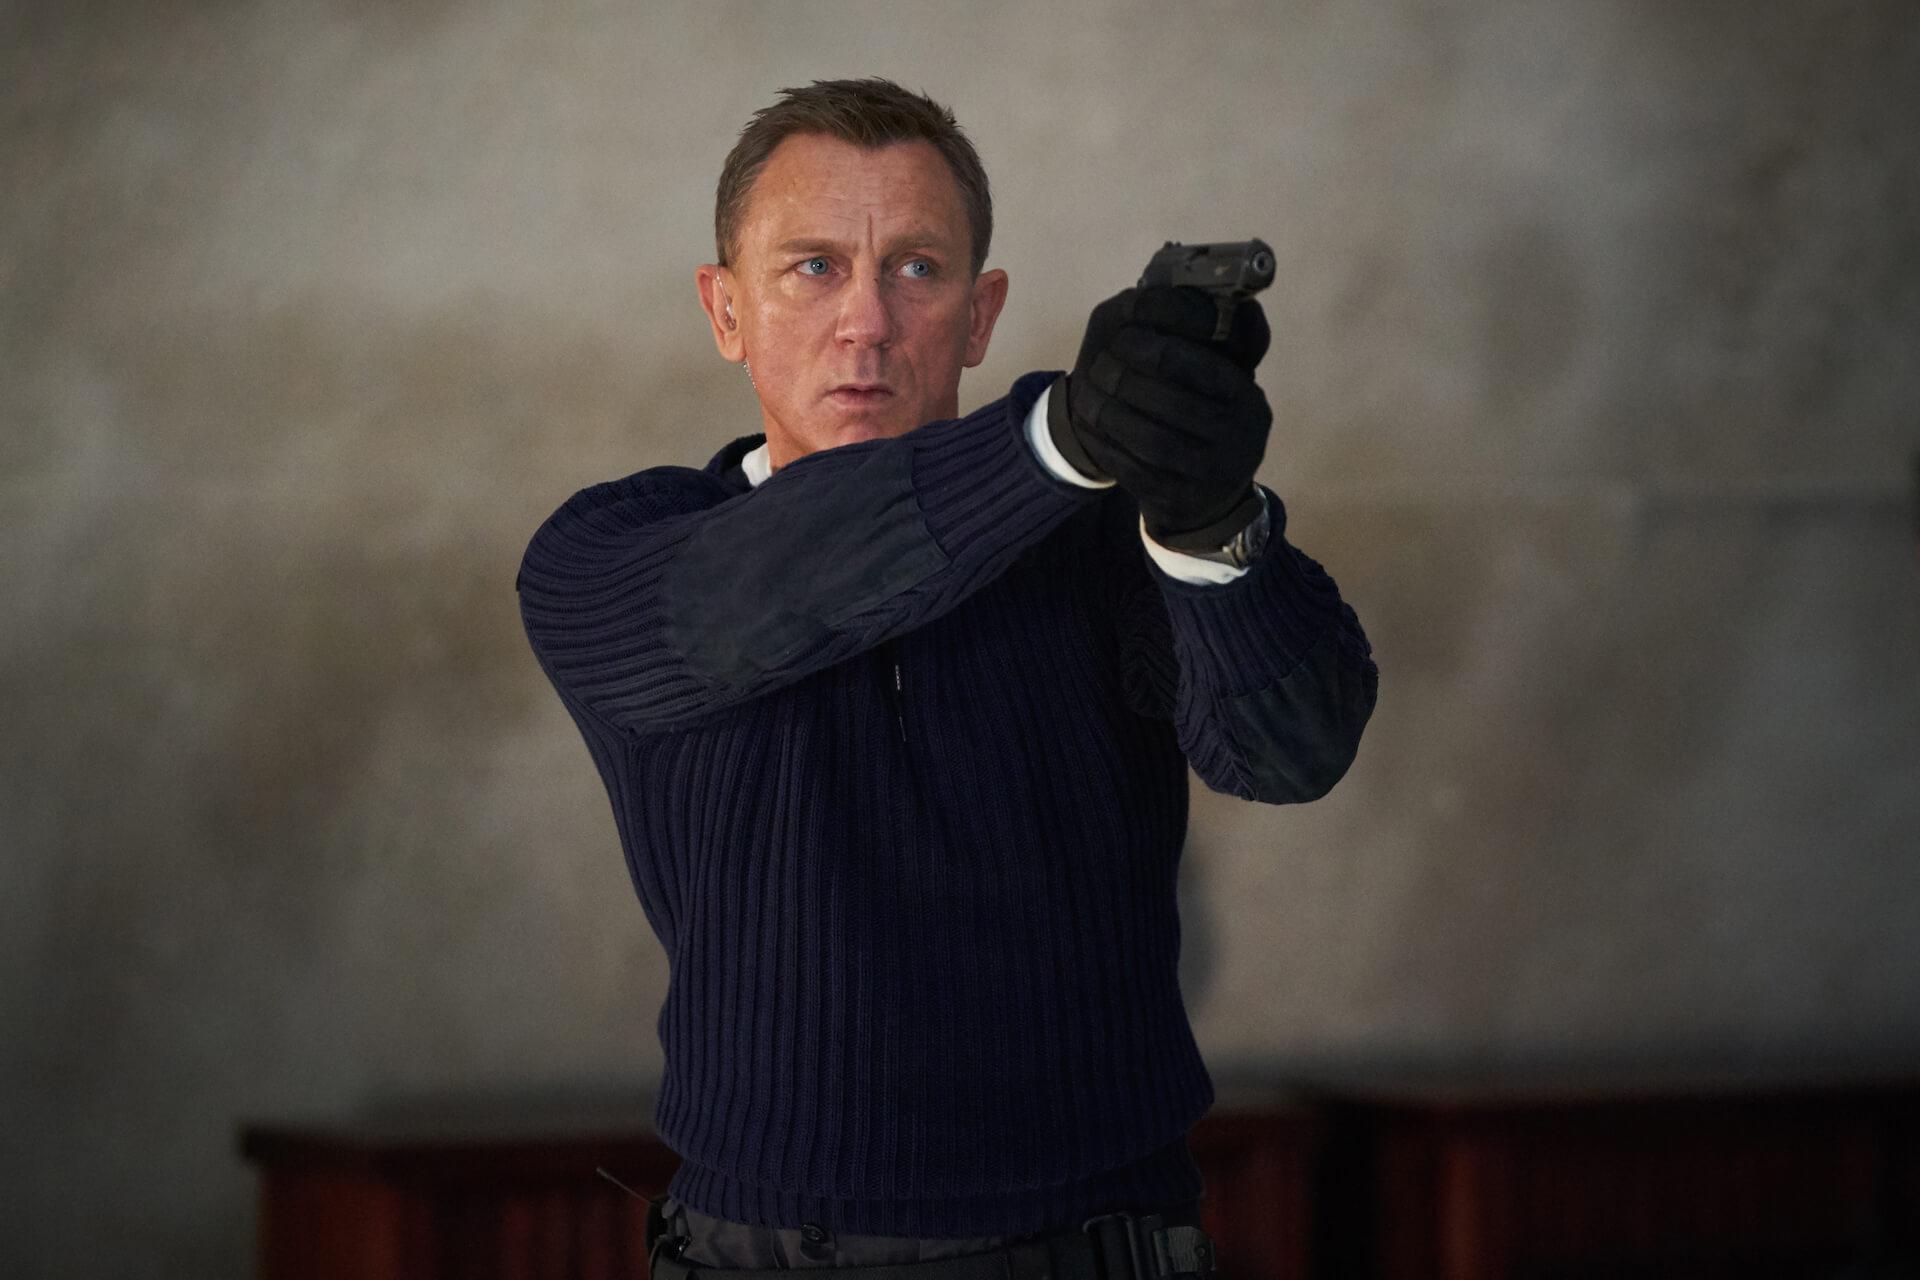 ダニエル・クレイグ演じるジェームズ・ボンドの歴史を振り返る!『007/ノー・タイム・トゥ・ダイ』特別映像が解禁 film210915_007_ntd_13